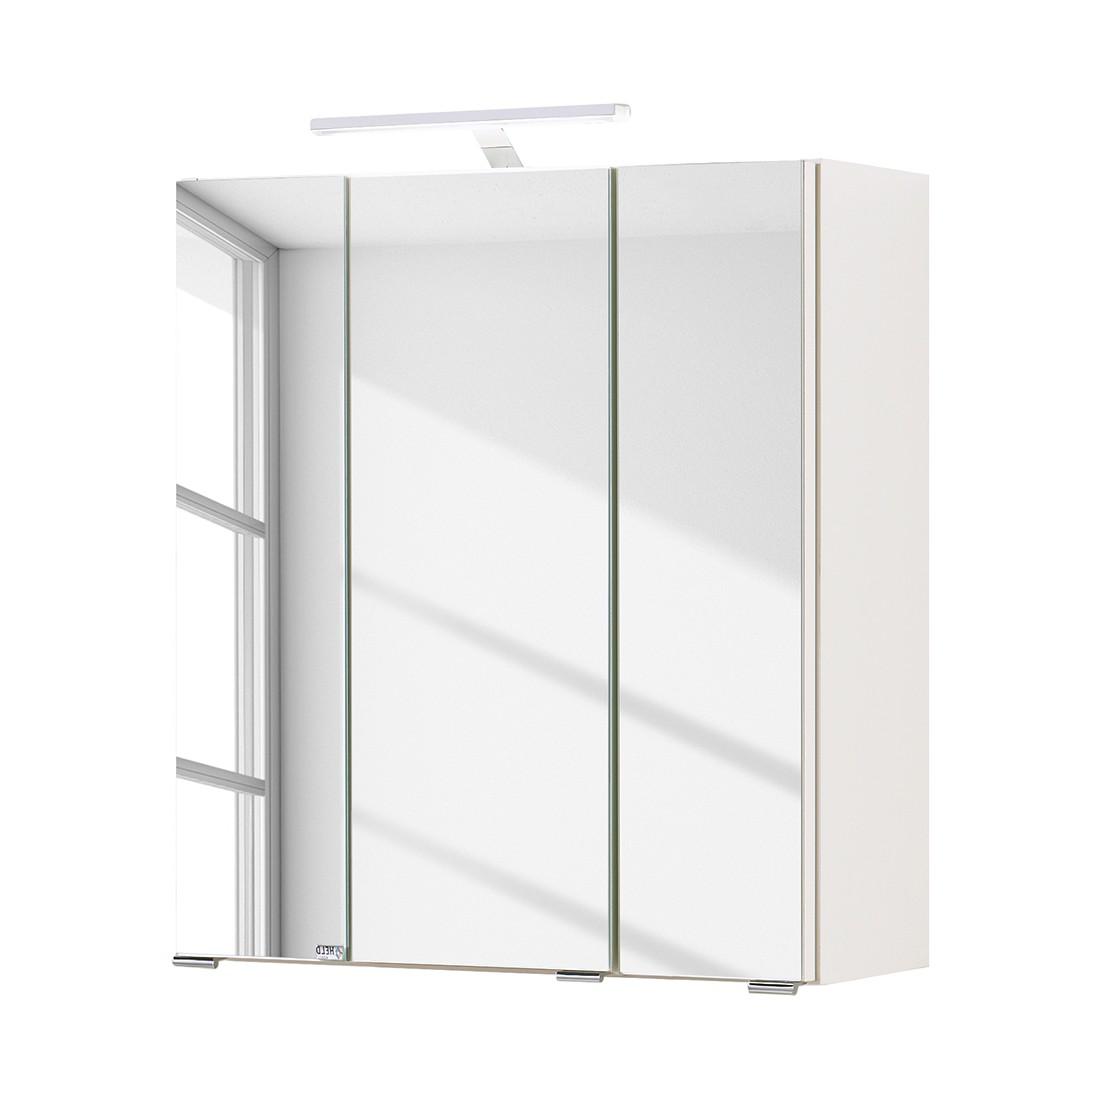 Armadietto a specchio Turda I con illuminazione inclusa - Bianco, Giessbach